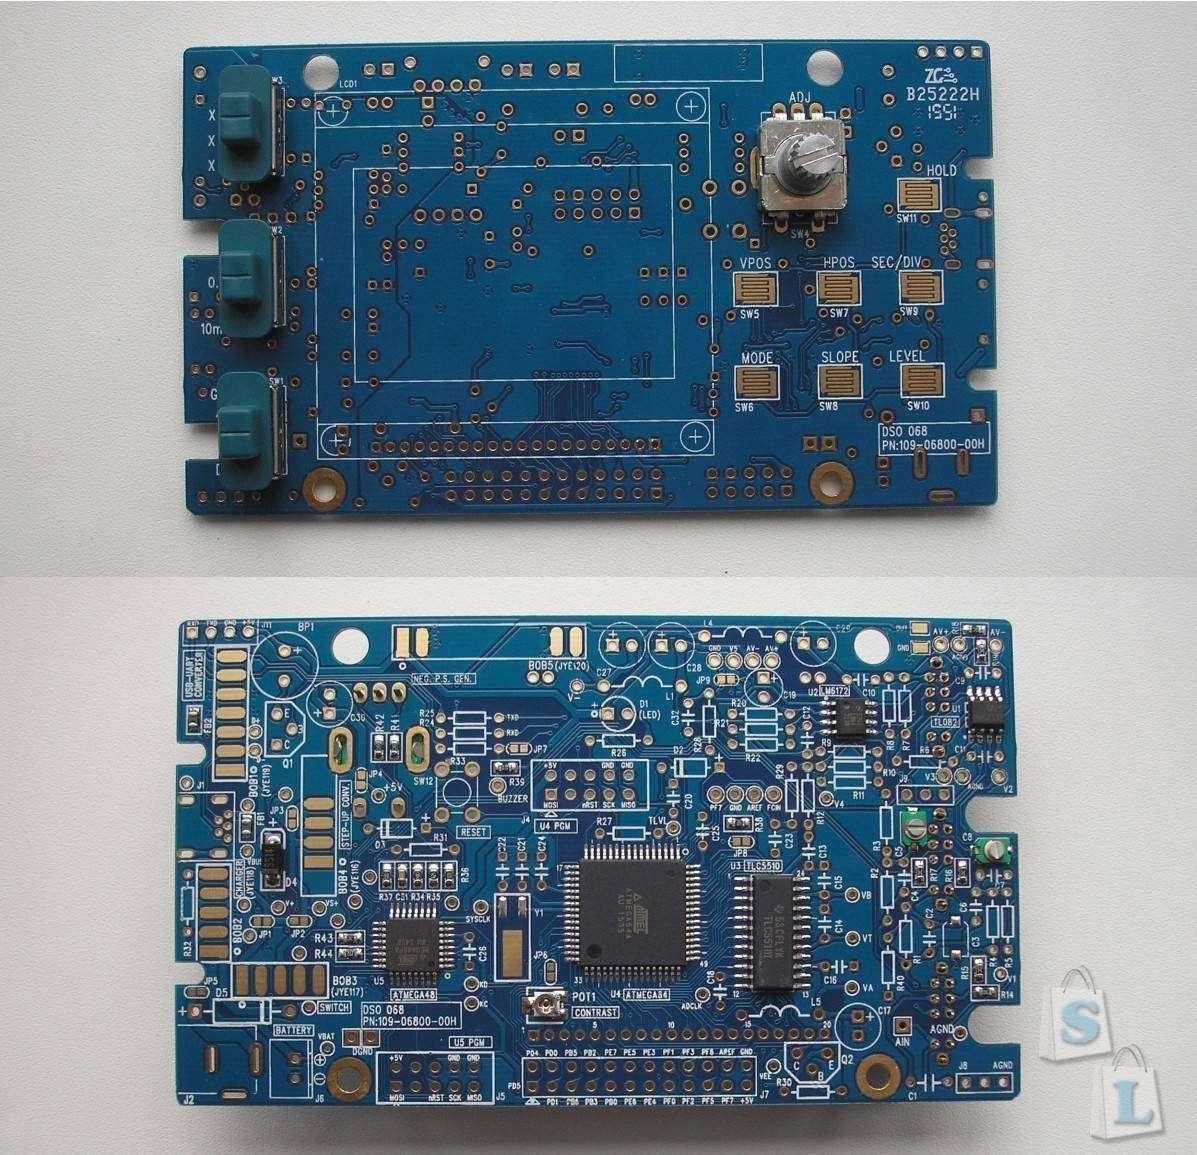 Banggood: DSO068 Осциллограф-частотомер – конструктор для начинающих